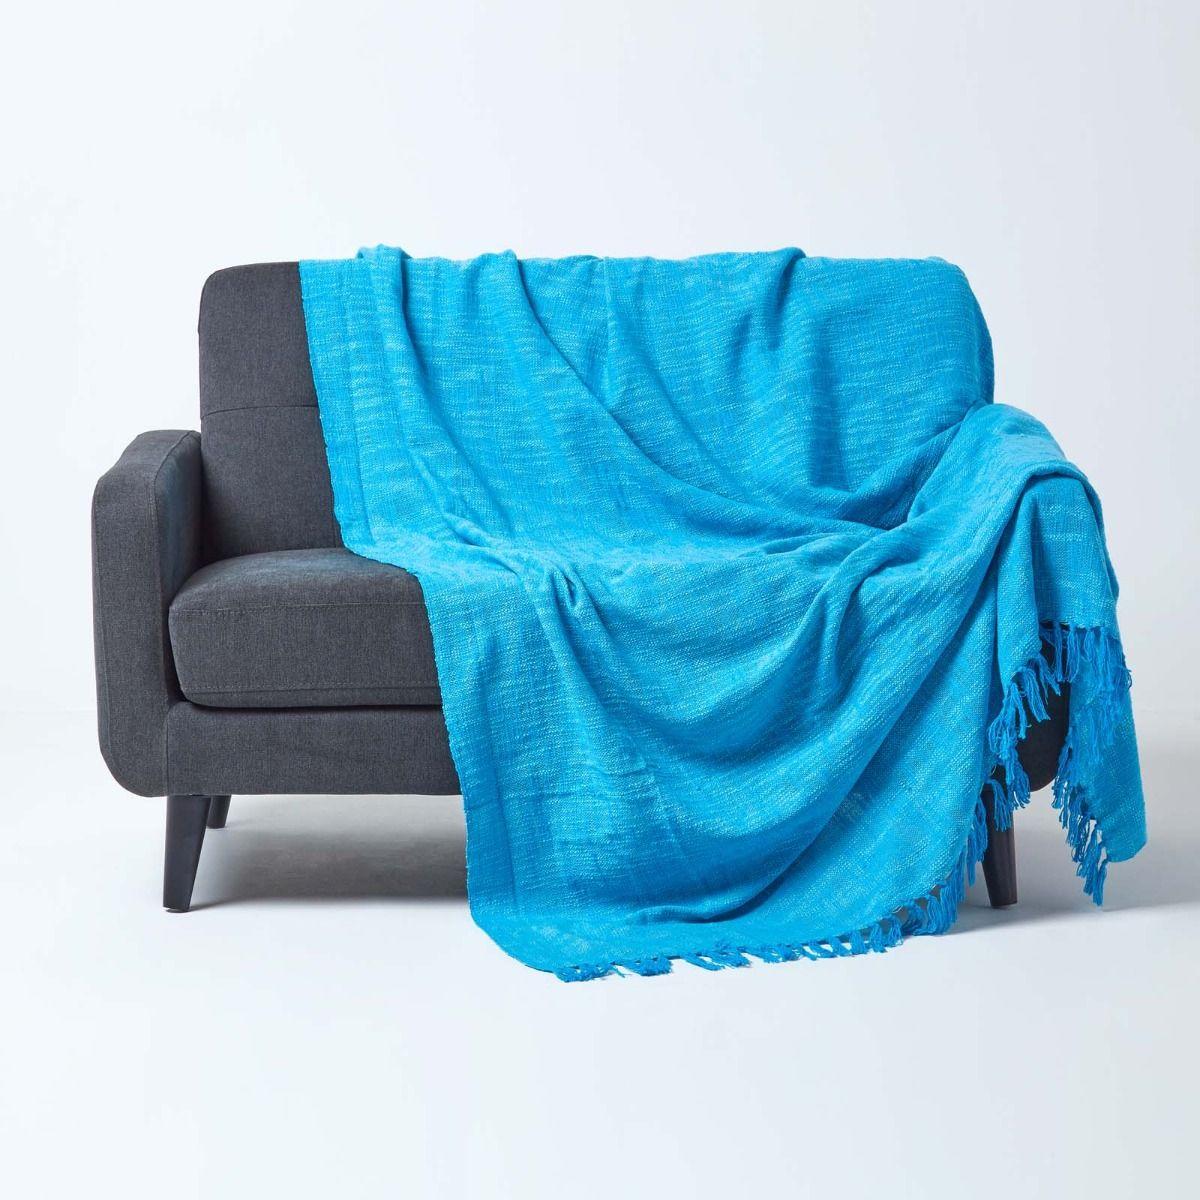 Full Size of überwurf Sofa Berwurf Fr Und Bett Nirvana Aqua 100 Baumwolle Für Esszimmer Verkaufen Reinigen Beziehen Schlafsofa Liegefläche 160x200 Ottomane Petrol Mit Sofa überwurf Sofa